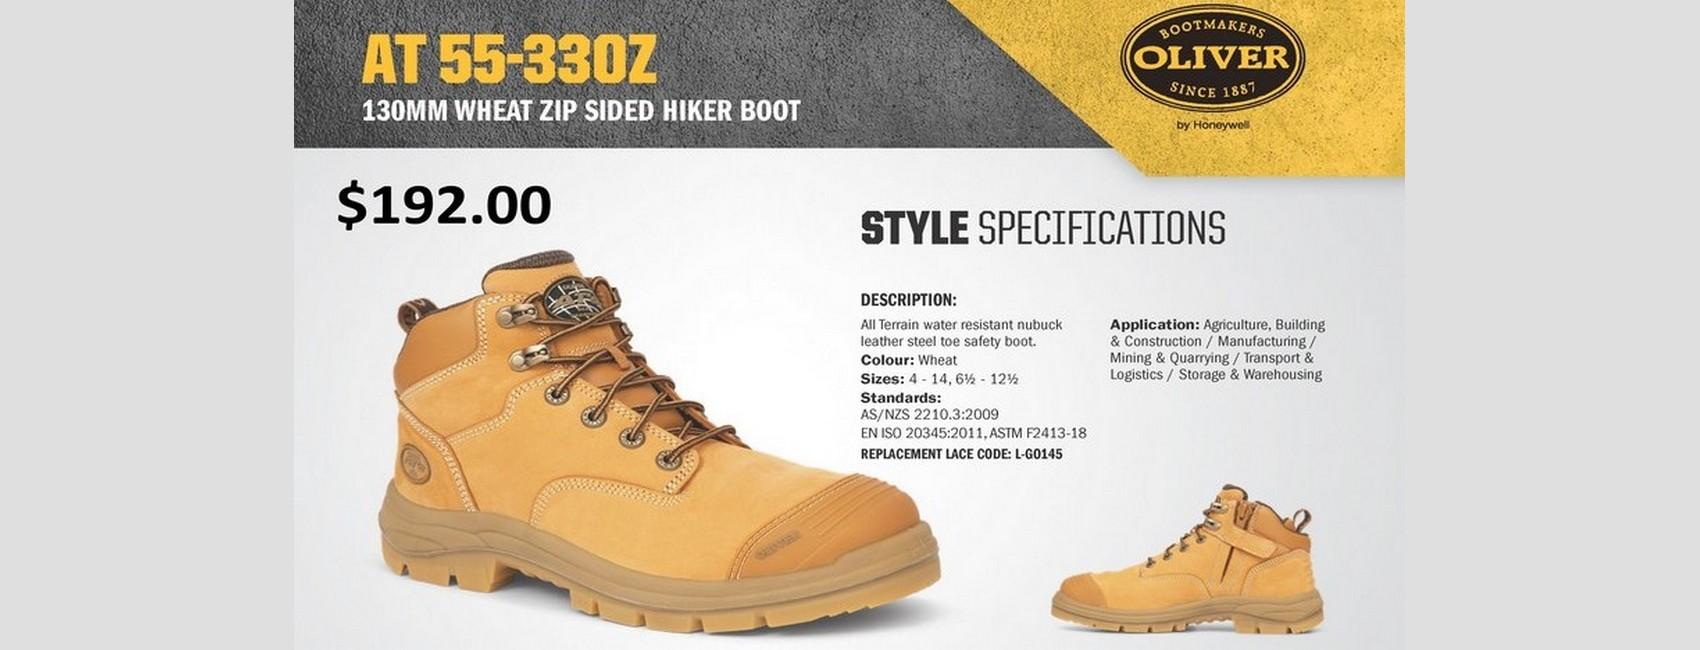 Oliver 55330Z